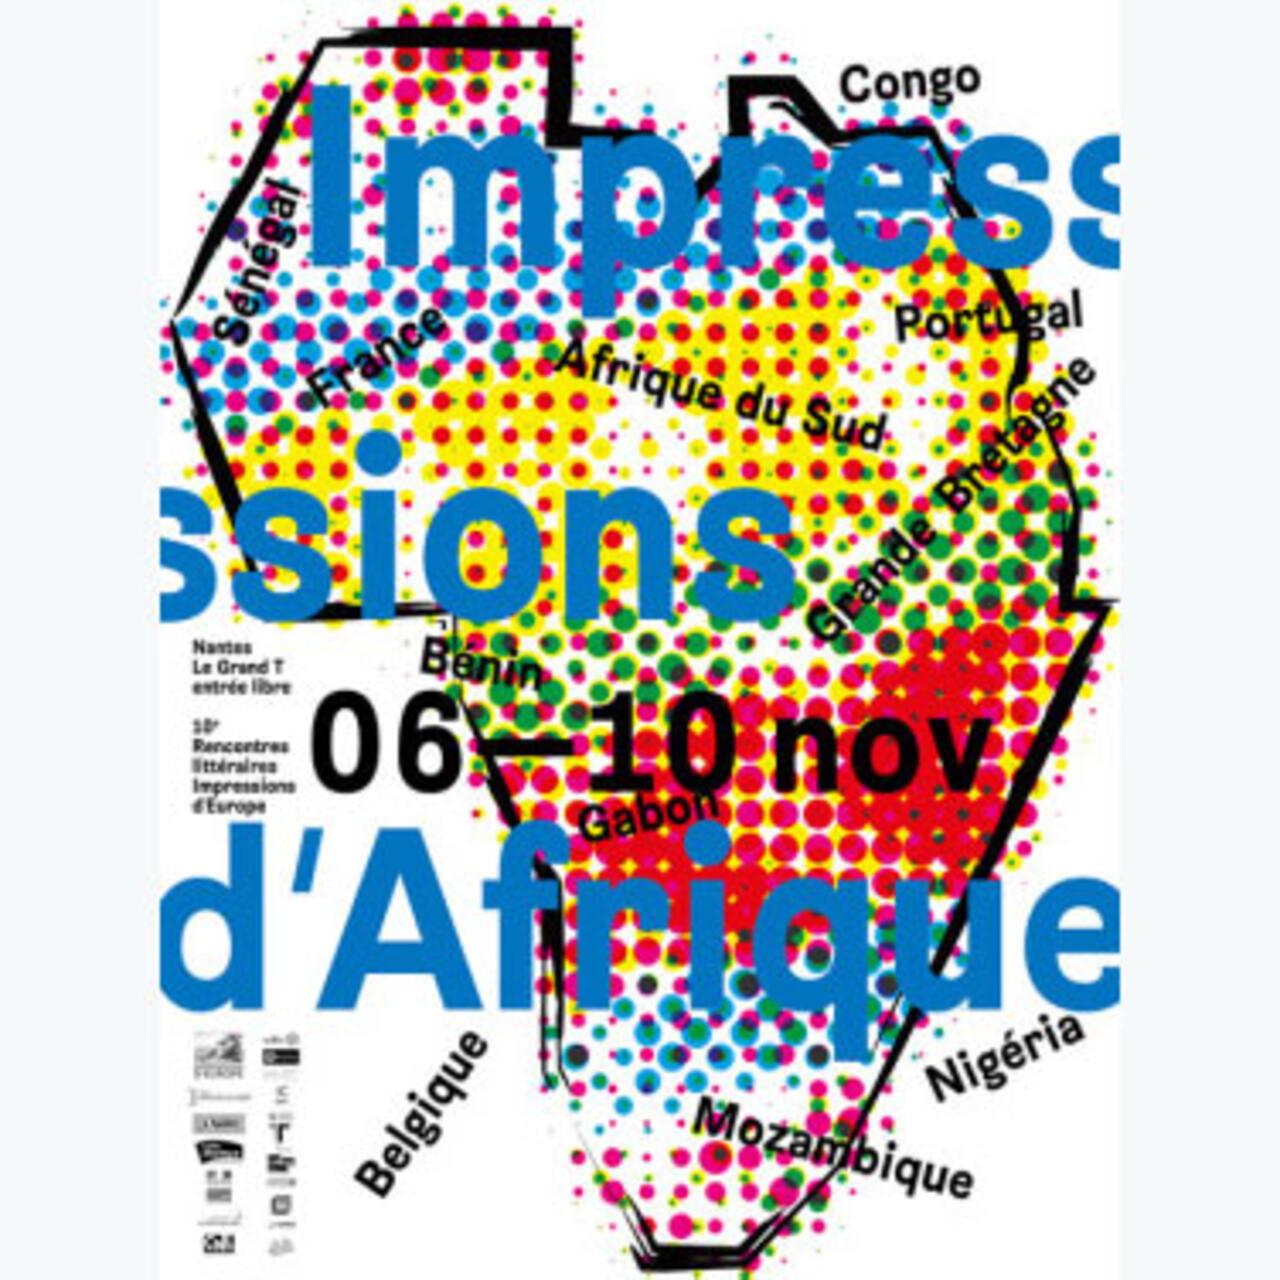 Rencontres littéraires écossaises à Nantes ce week-end